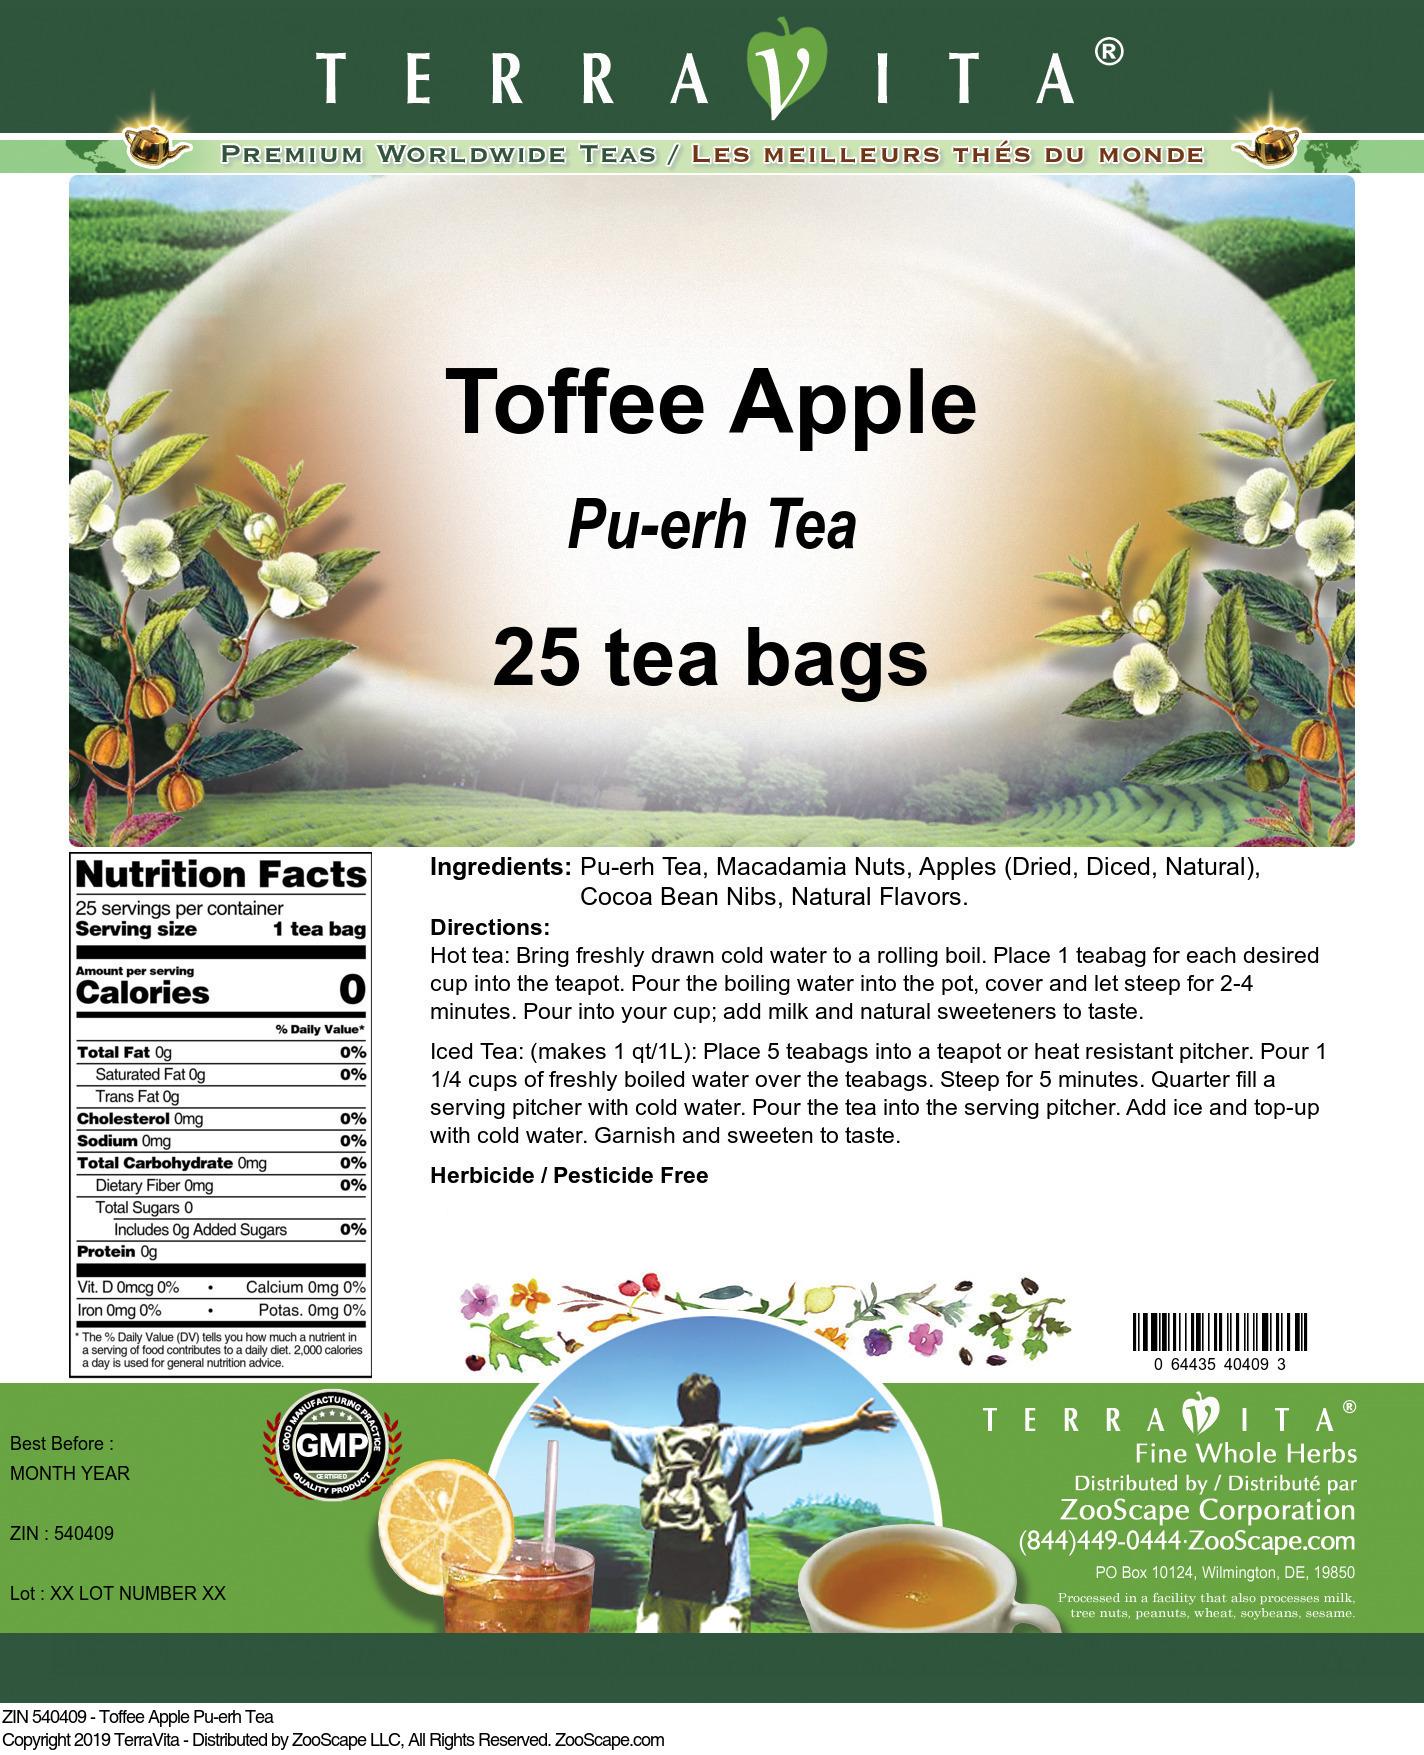 Toffee Apple Pu-erh Tea